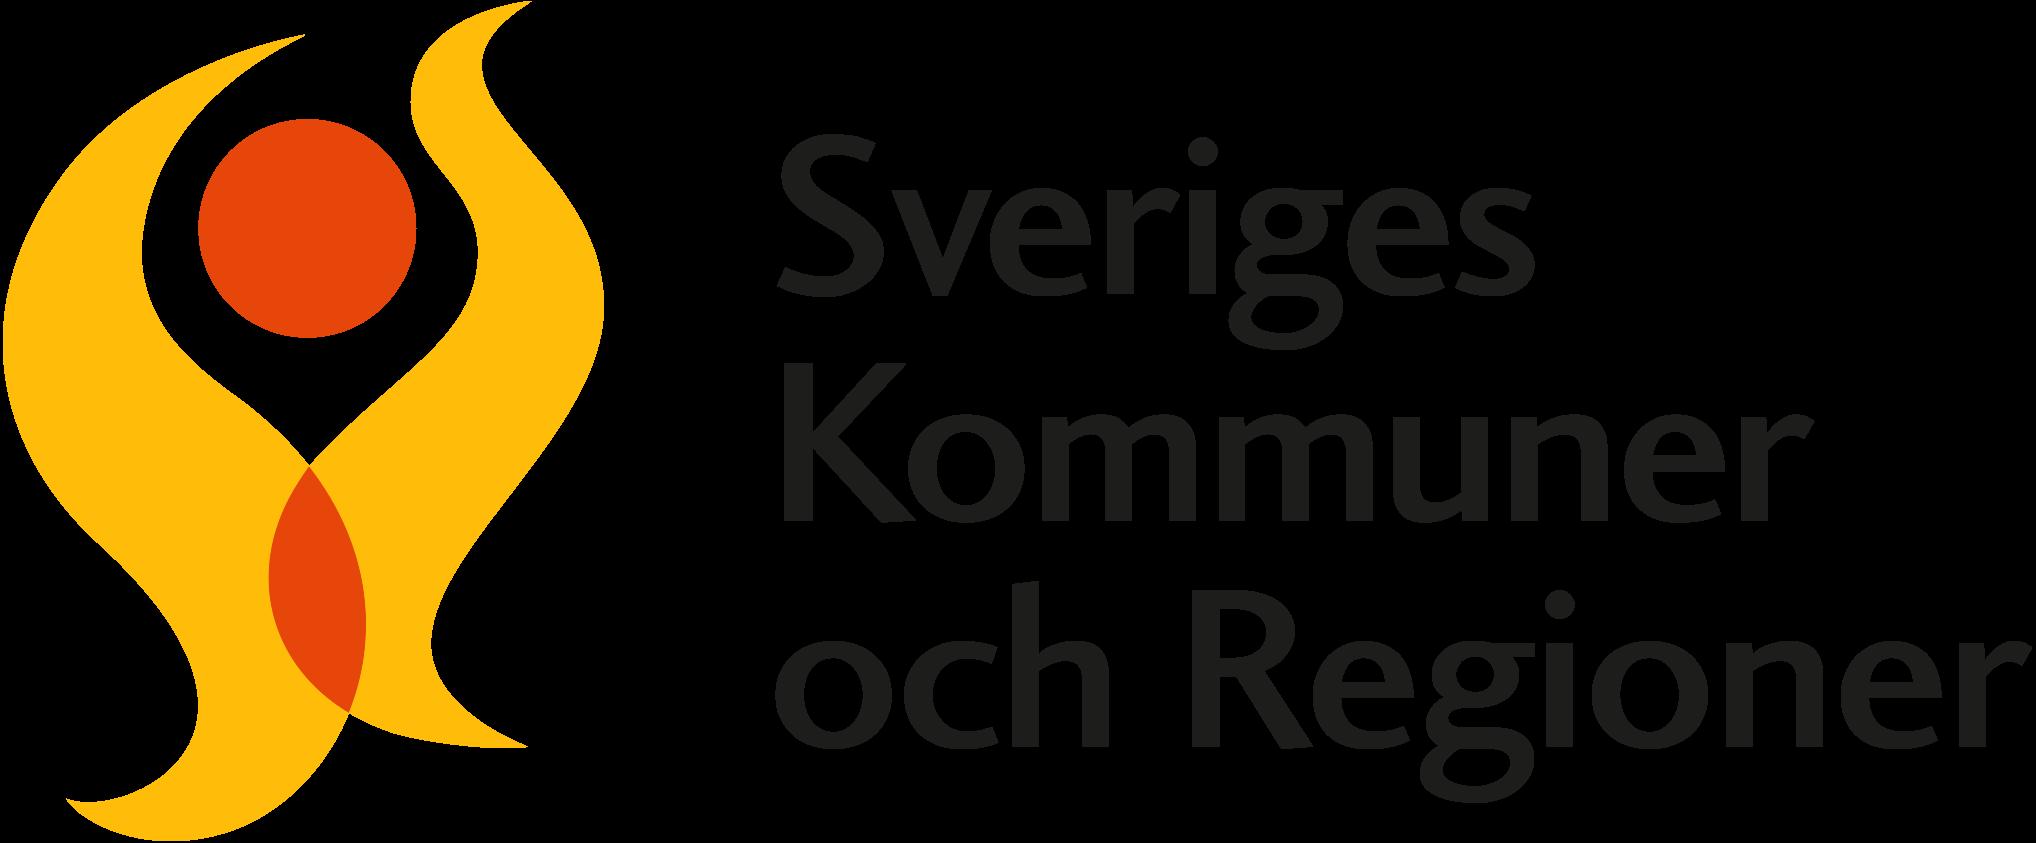 Sveriges komunner och regioner